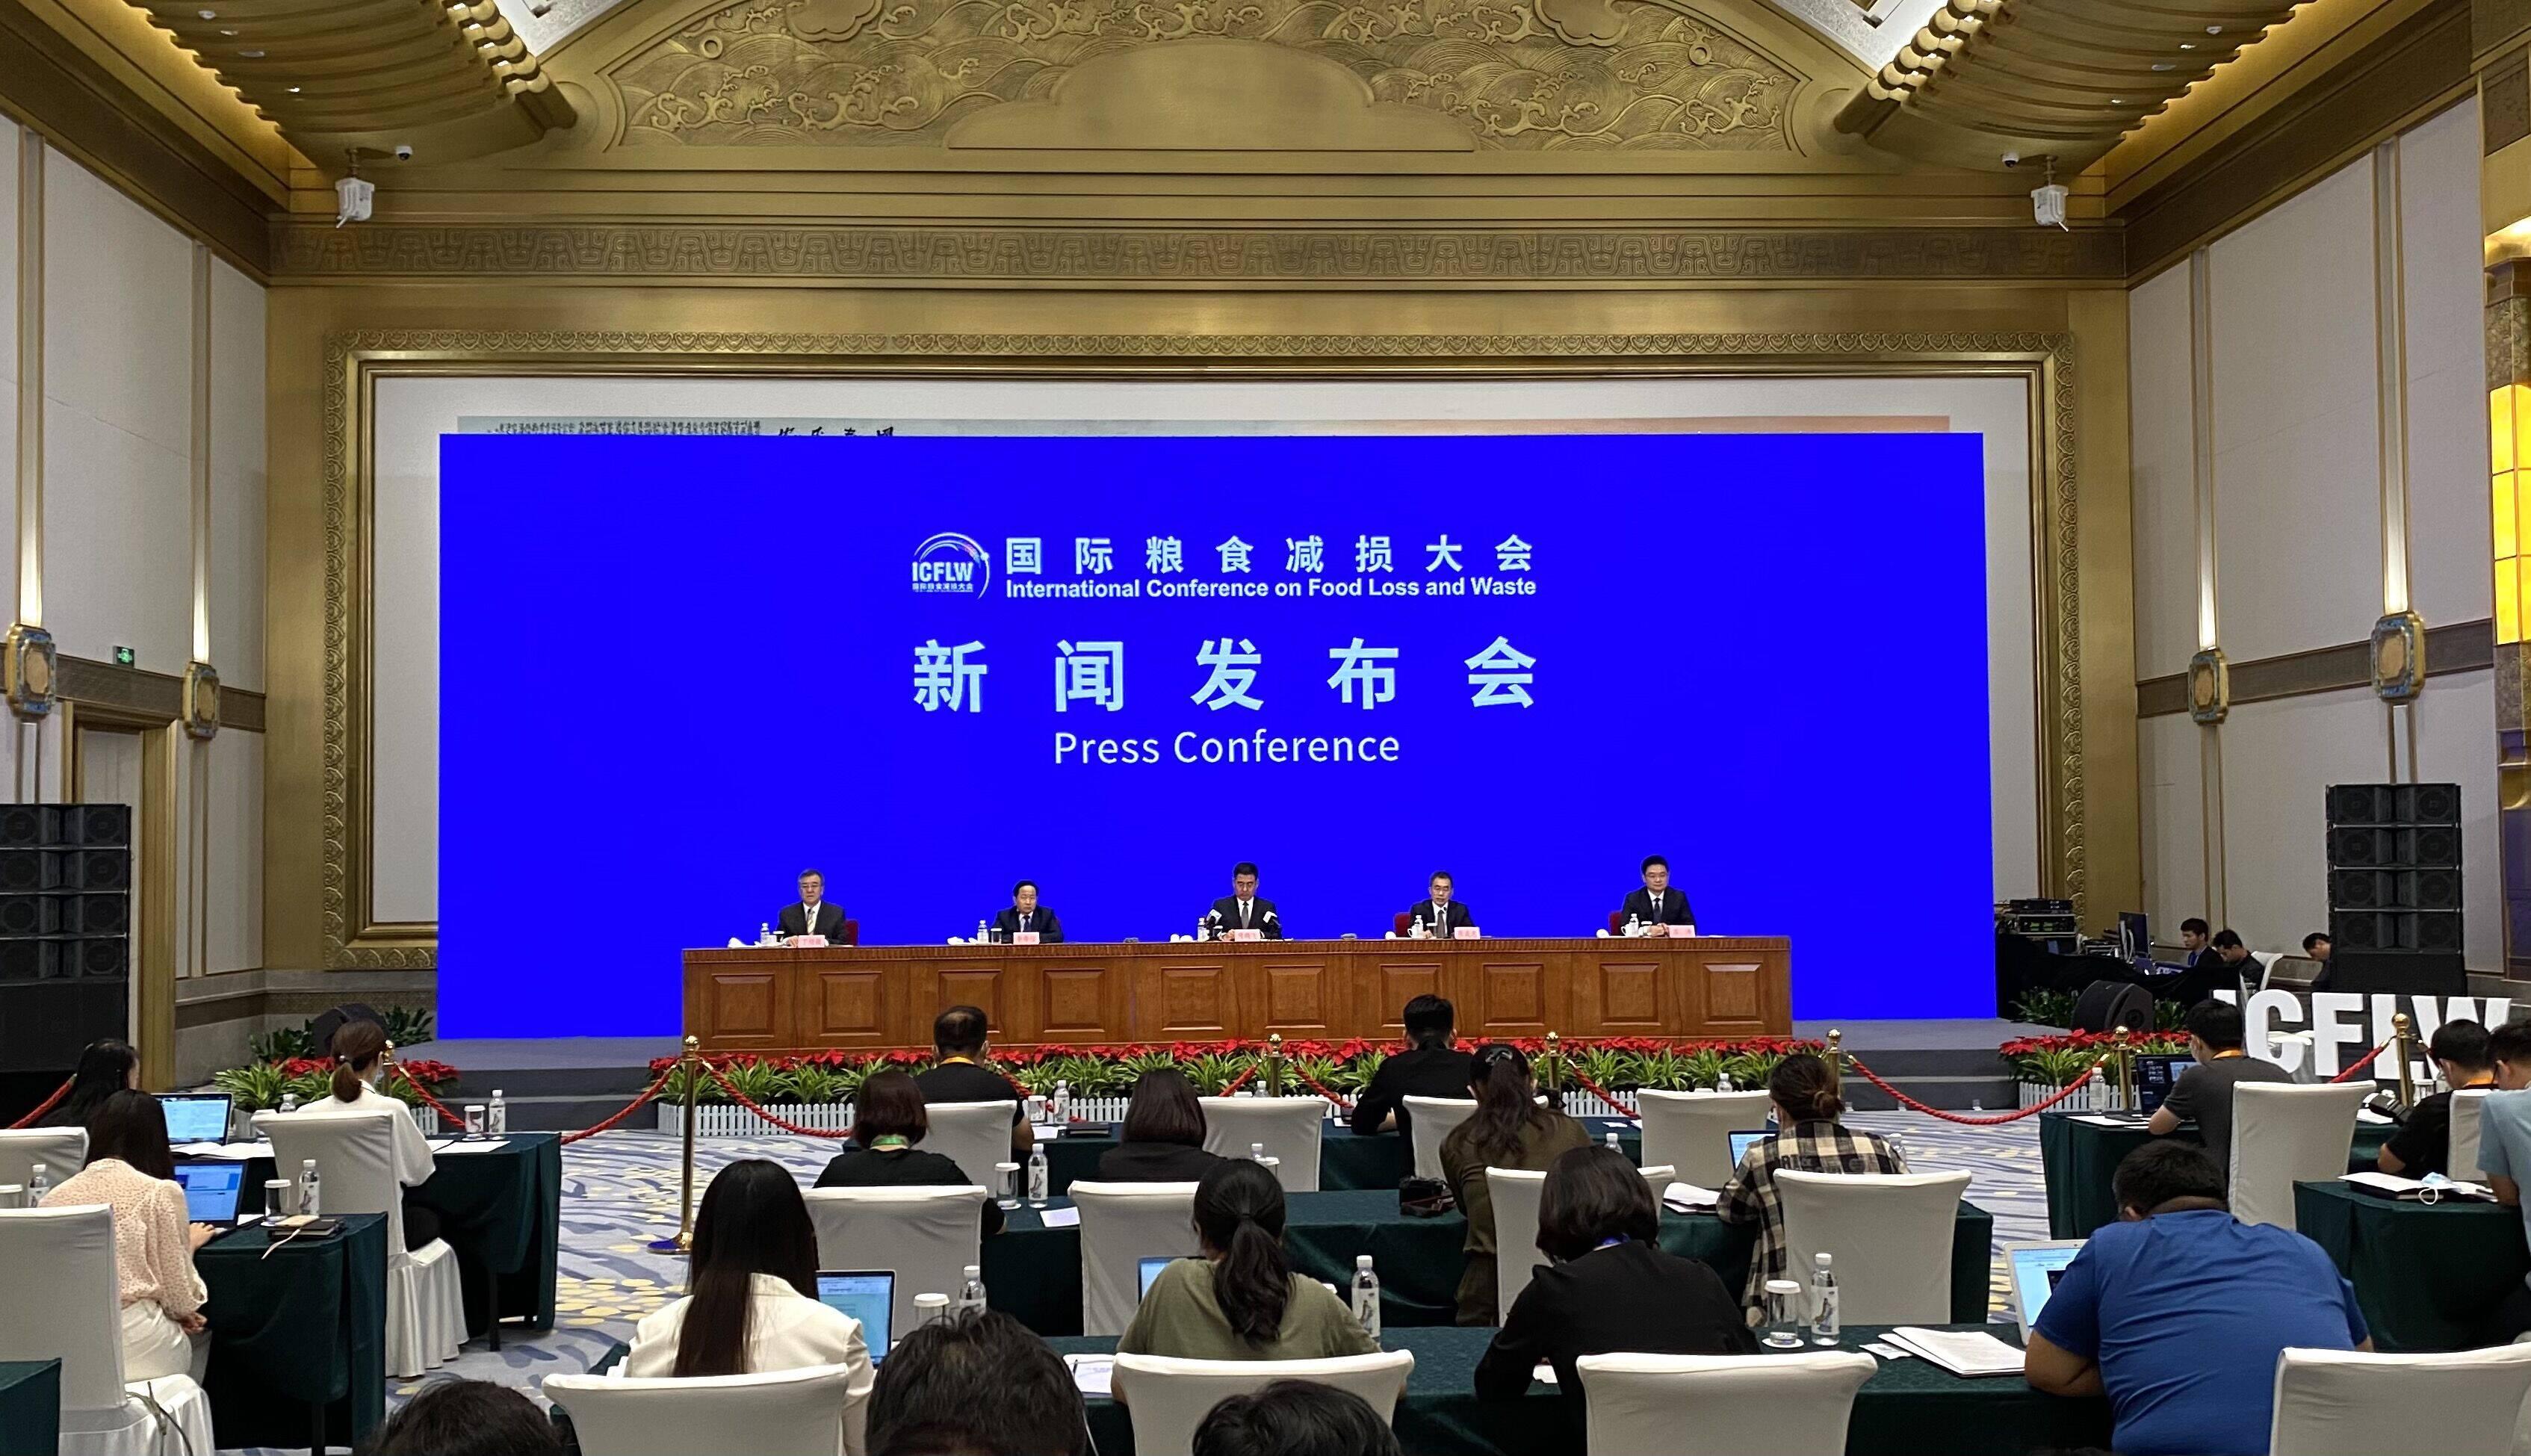 首届国际粮食减损大会今日在济南闭幕 会上达成十项减损共识